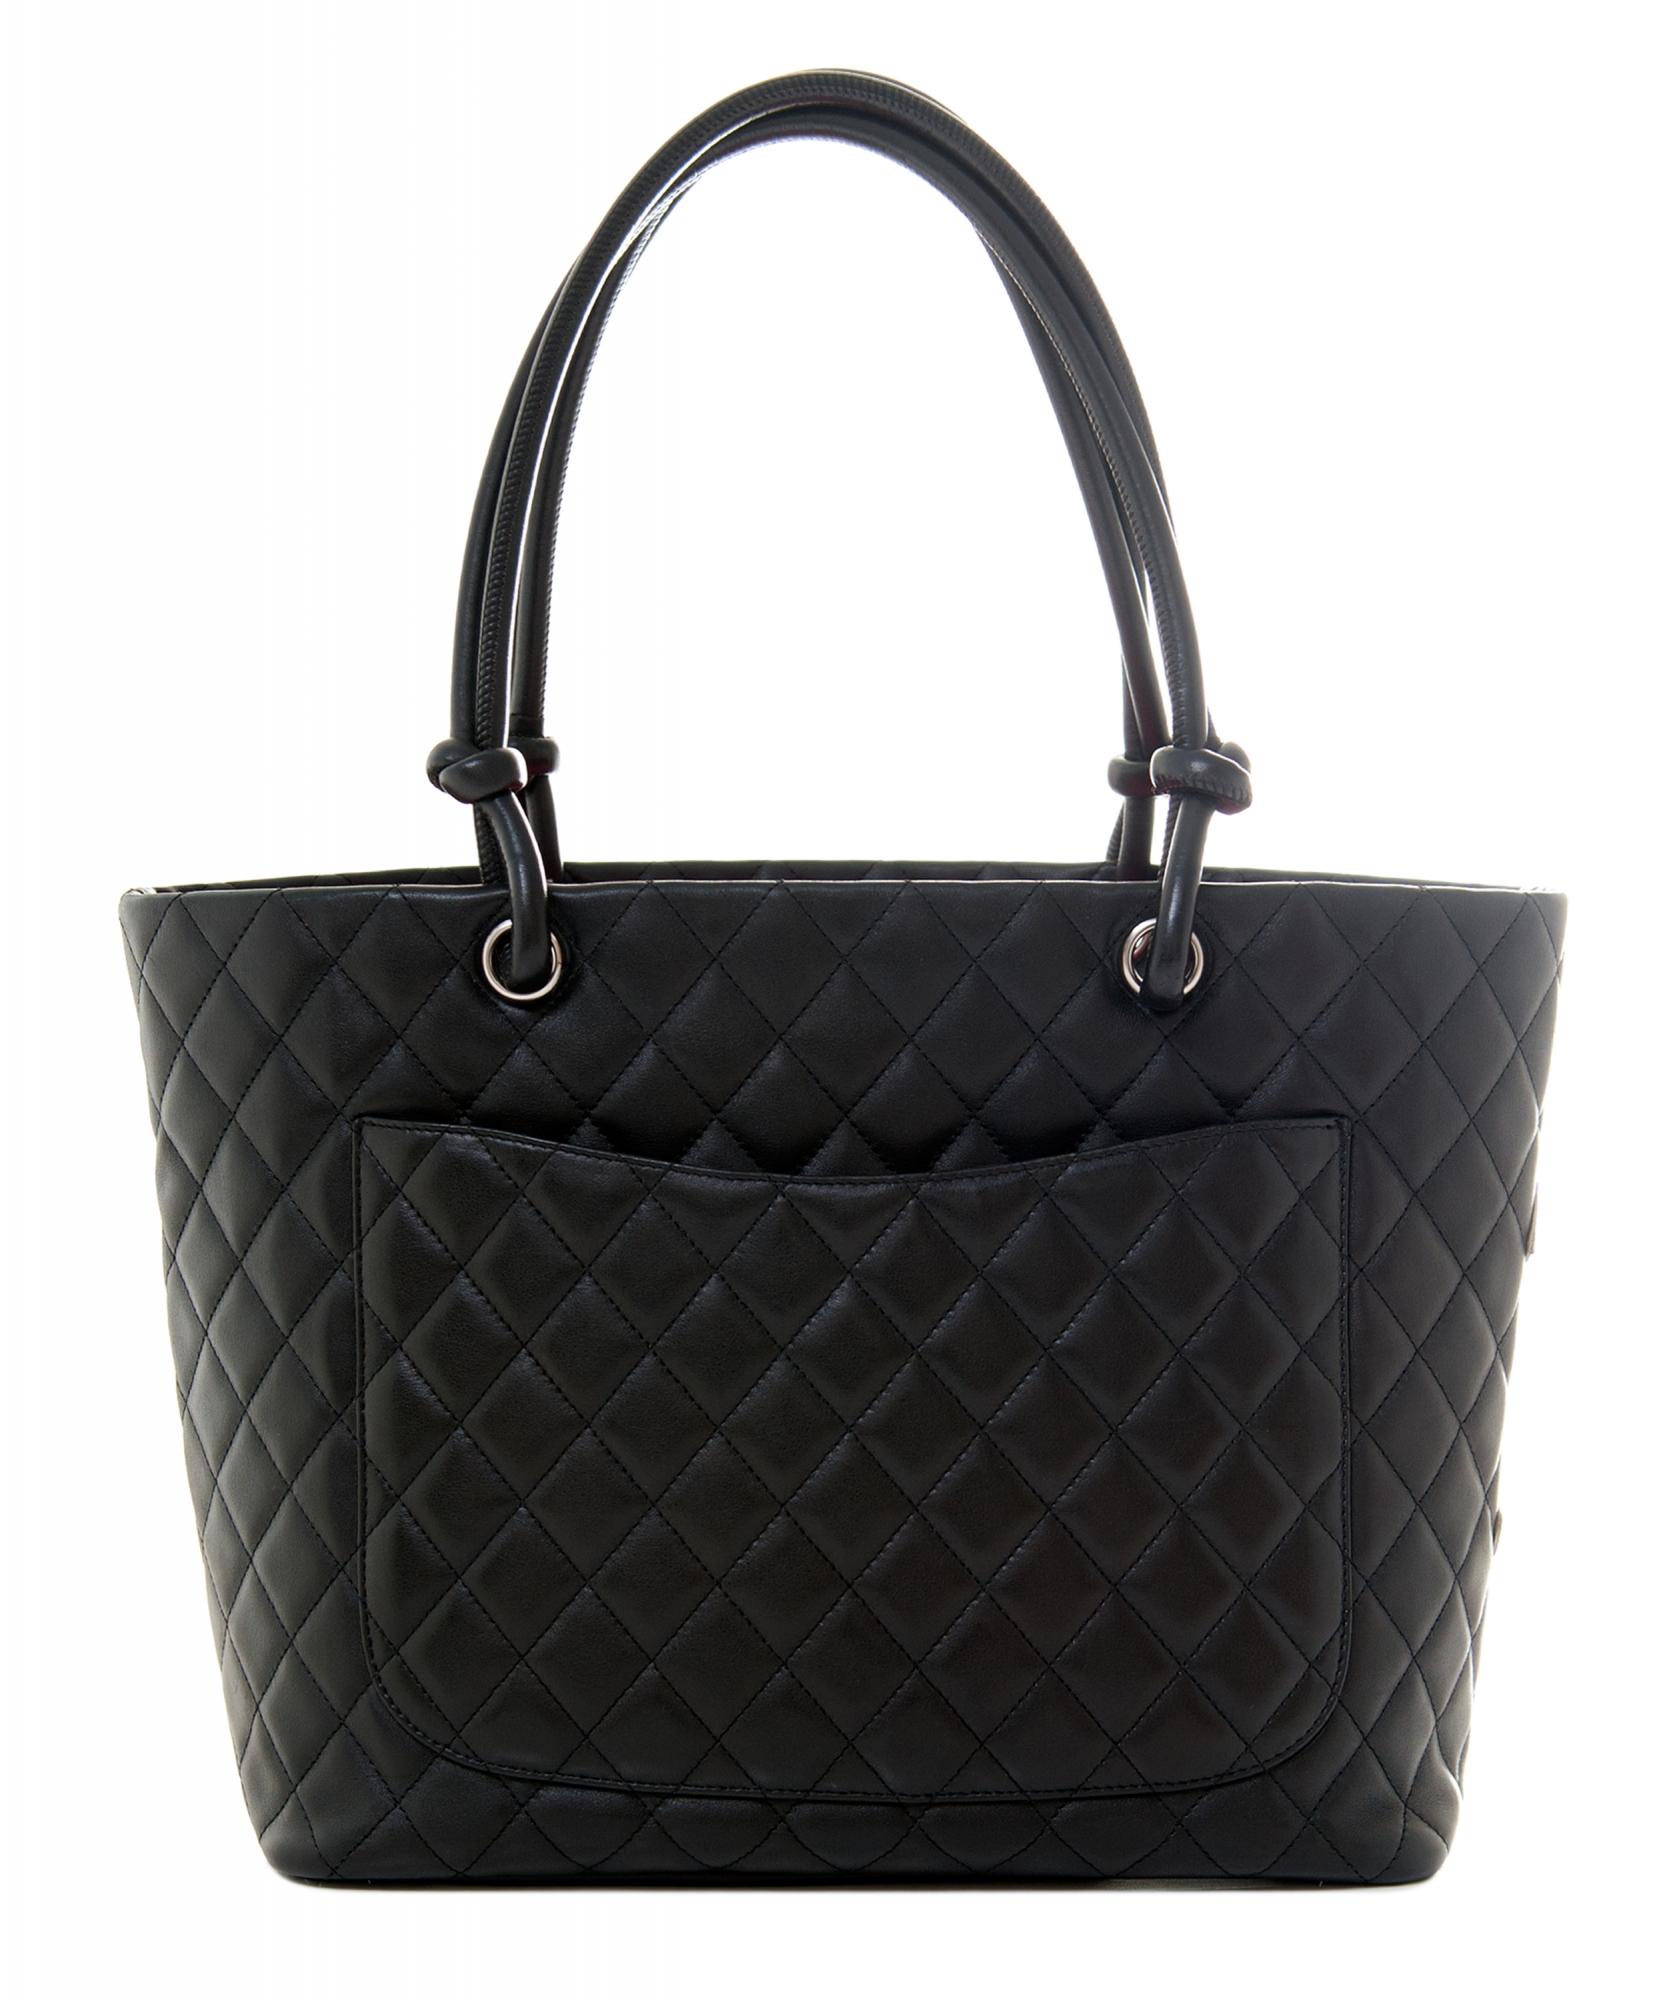 6f32e7f1c504 Chanel Black Leather Ligne Cambon Tote Bag | La Doyenne